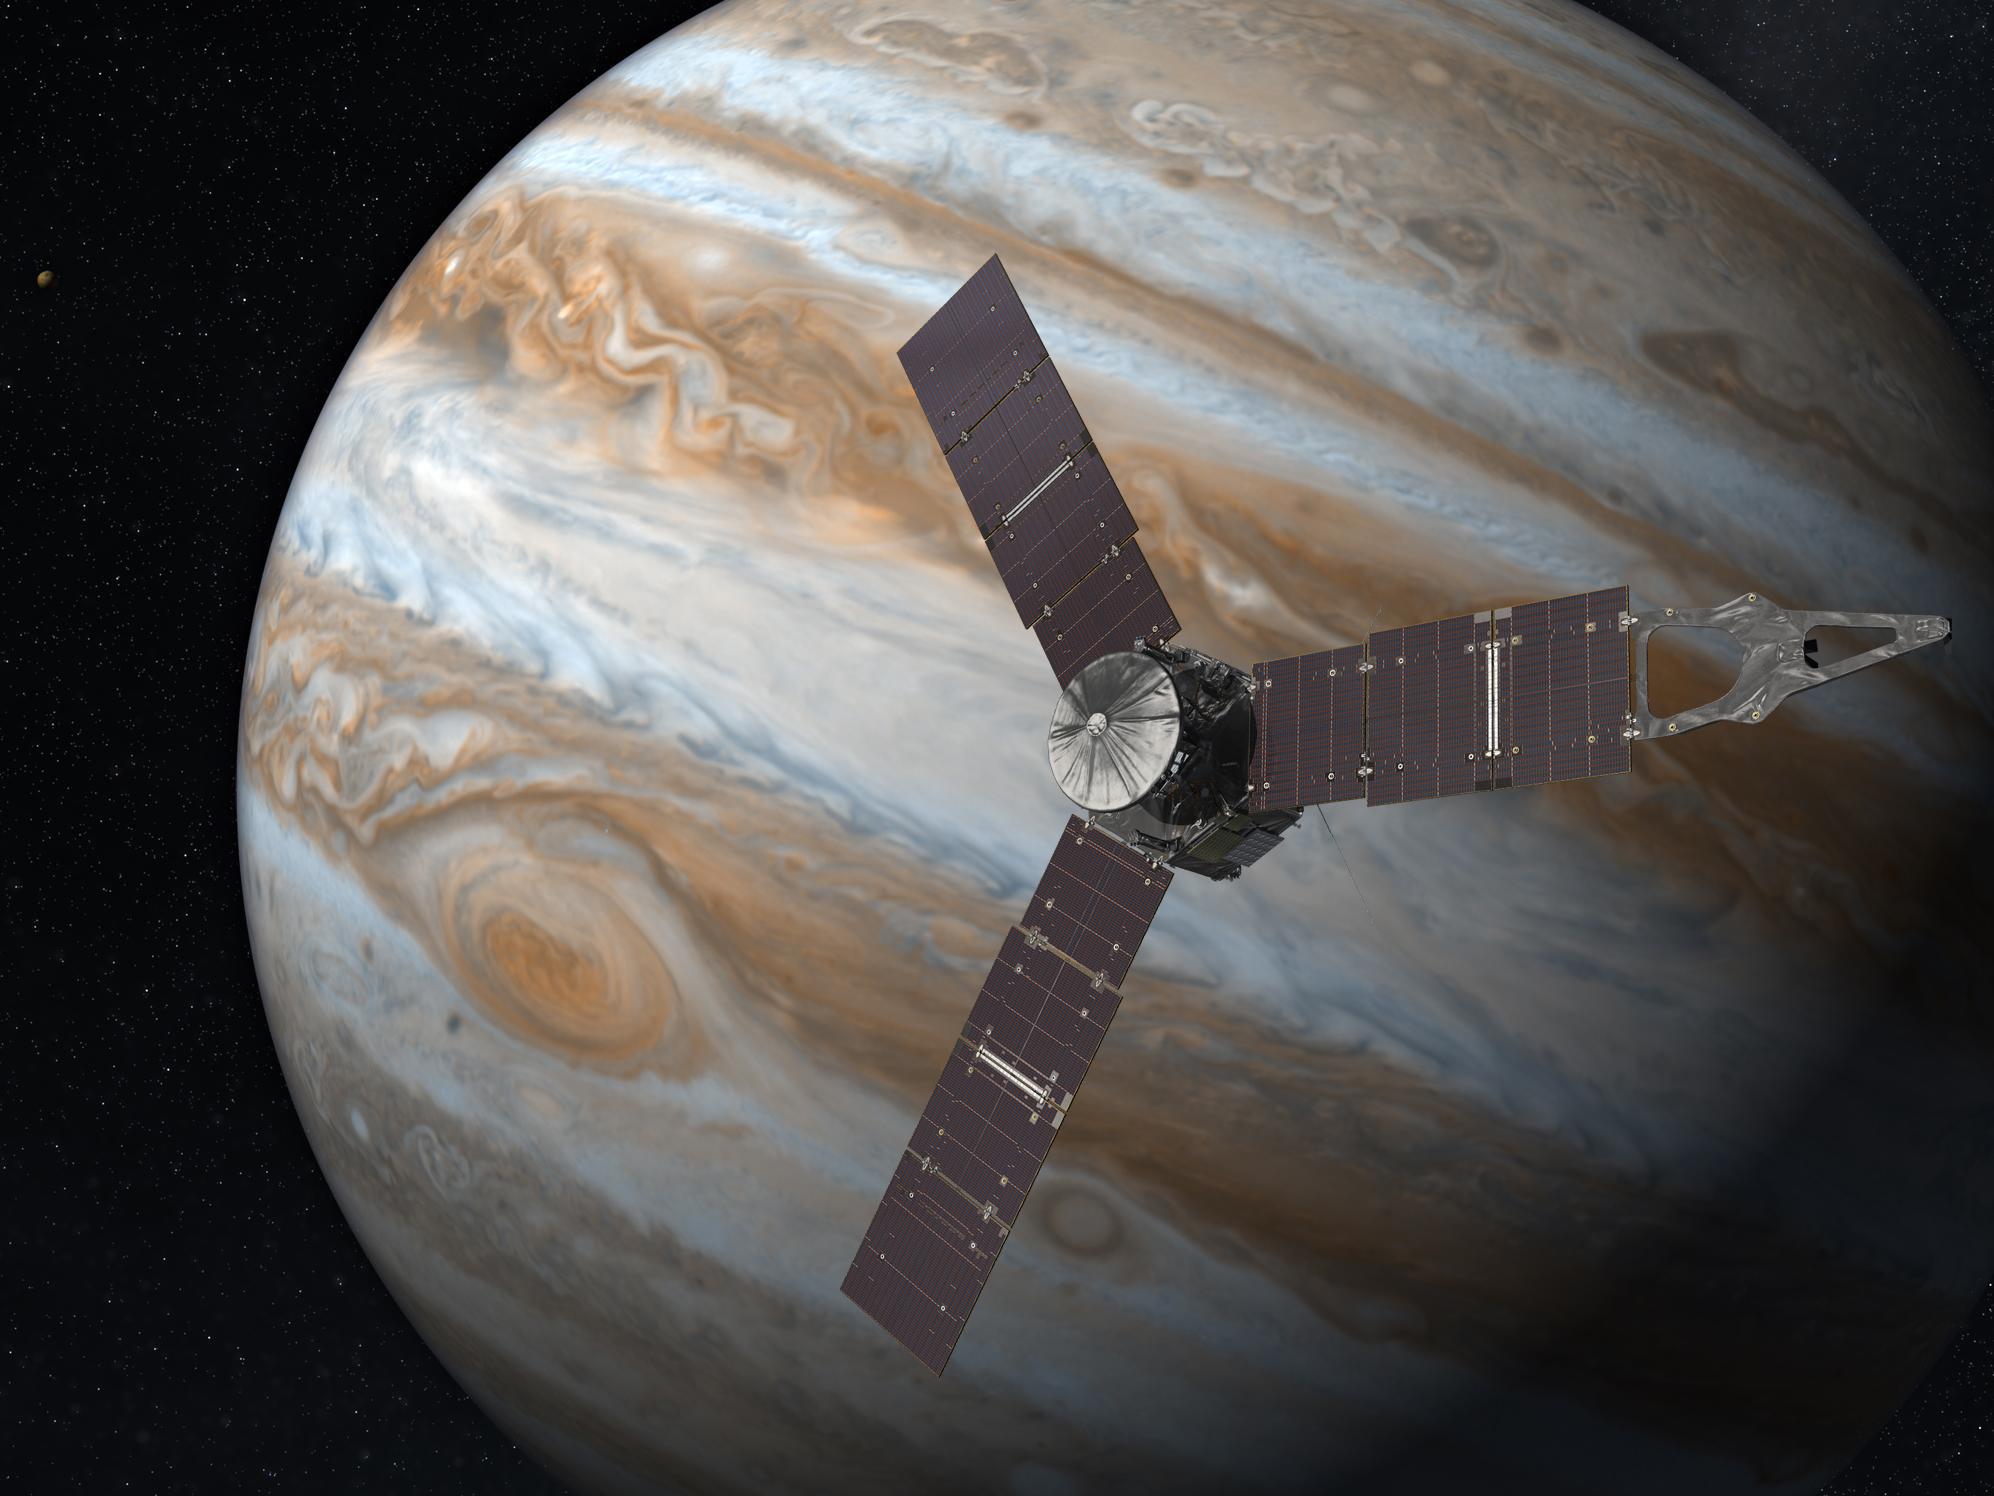 Juno kosmik gəmisinin iyulun 4-də Yupiterə enməsi ilə nələr baş verəcək